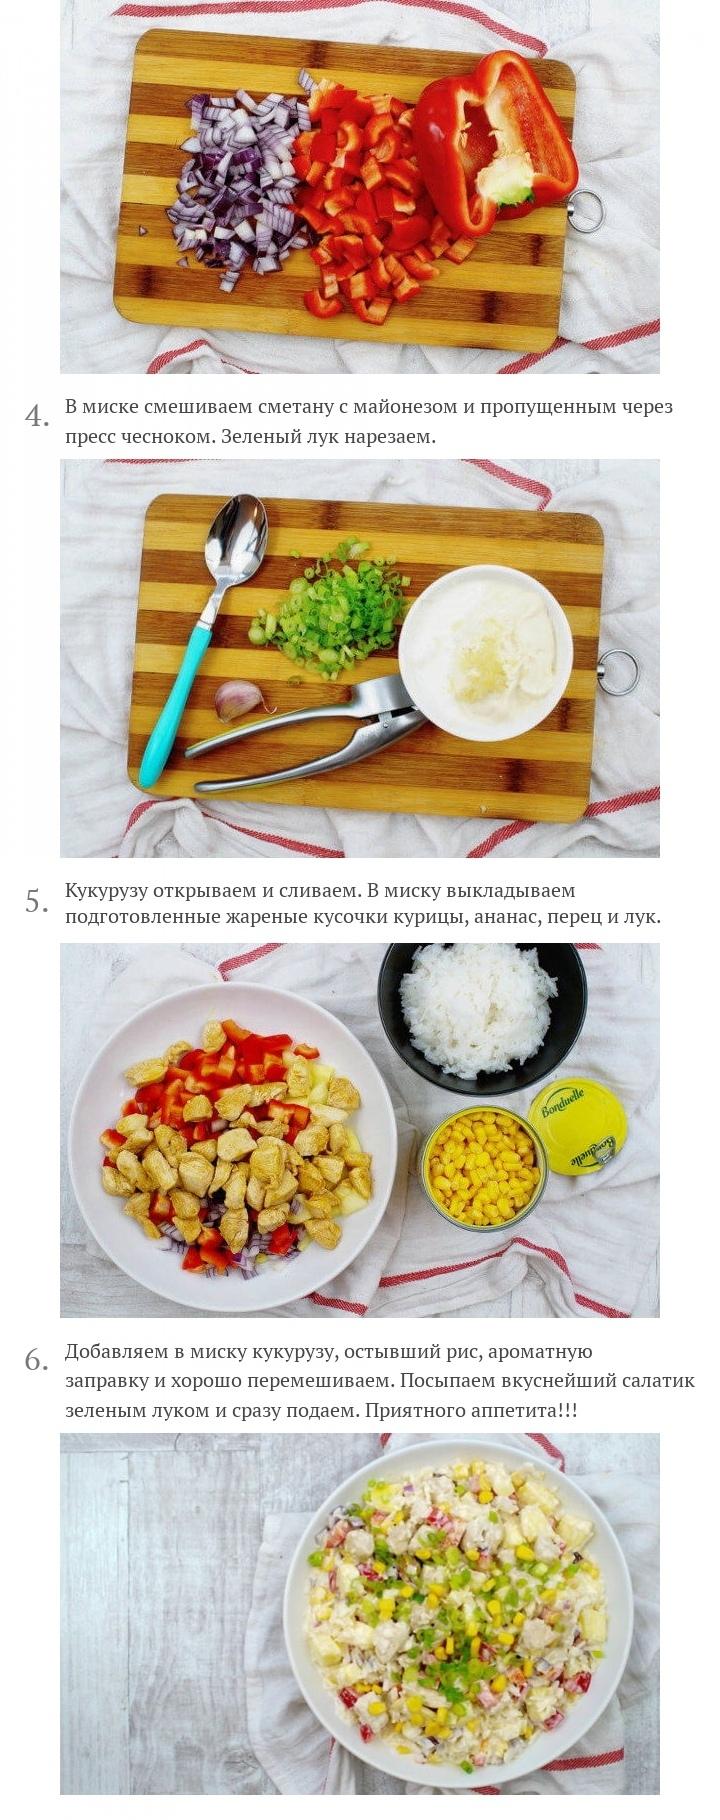 Куриный салат с ананасом, рисом и кукурузой, изображение №3